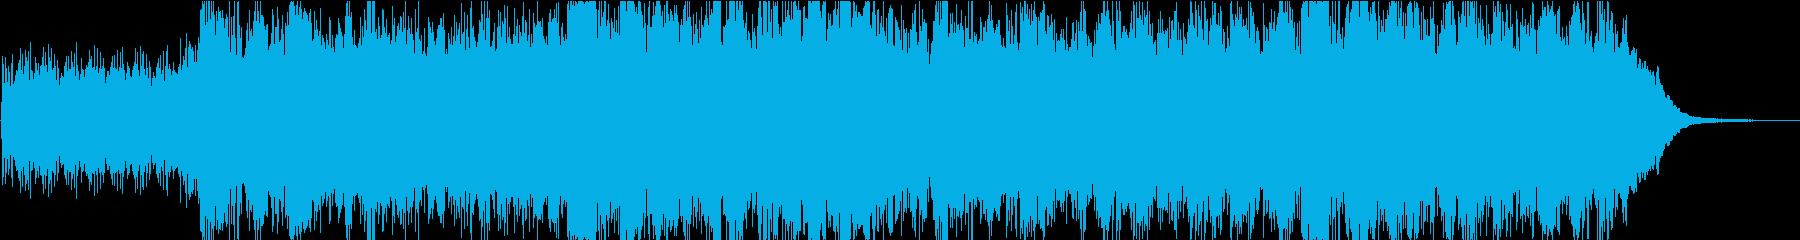 追跡シーン全般またはあらゆる種類の...の再生済みの波形